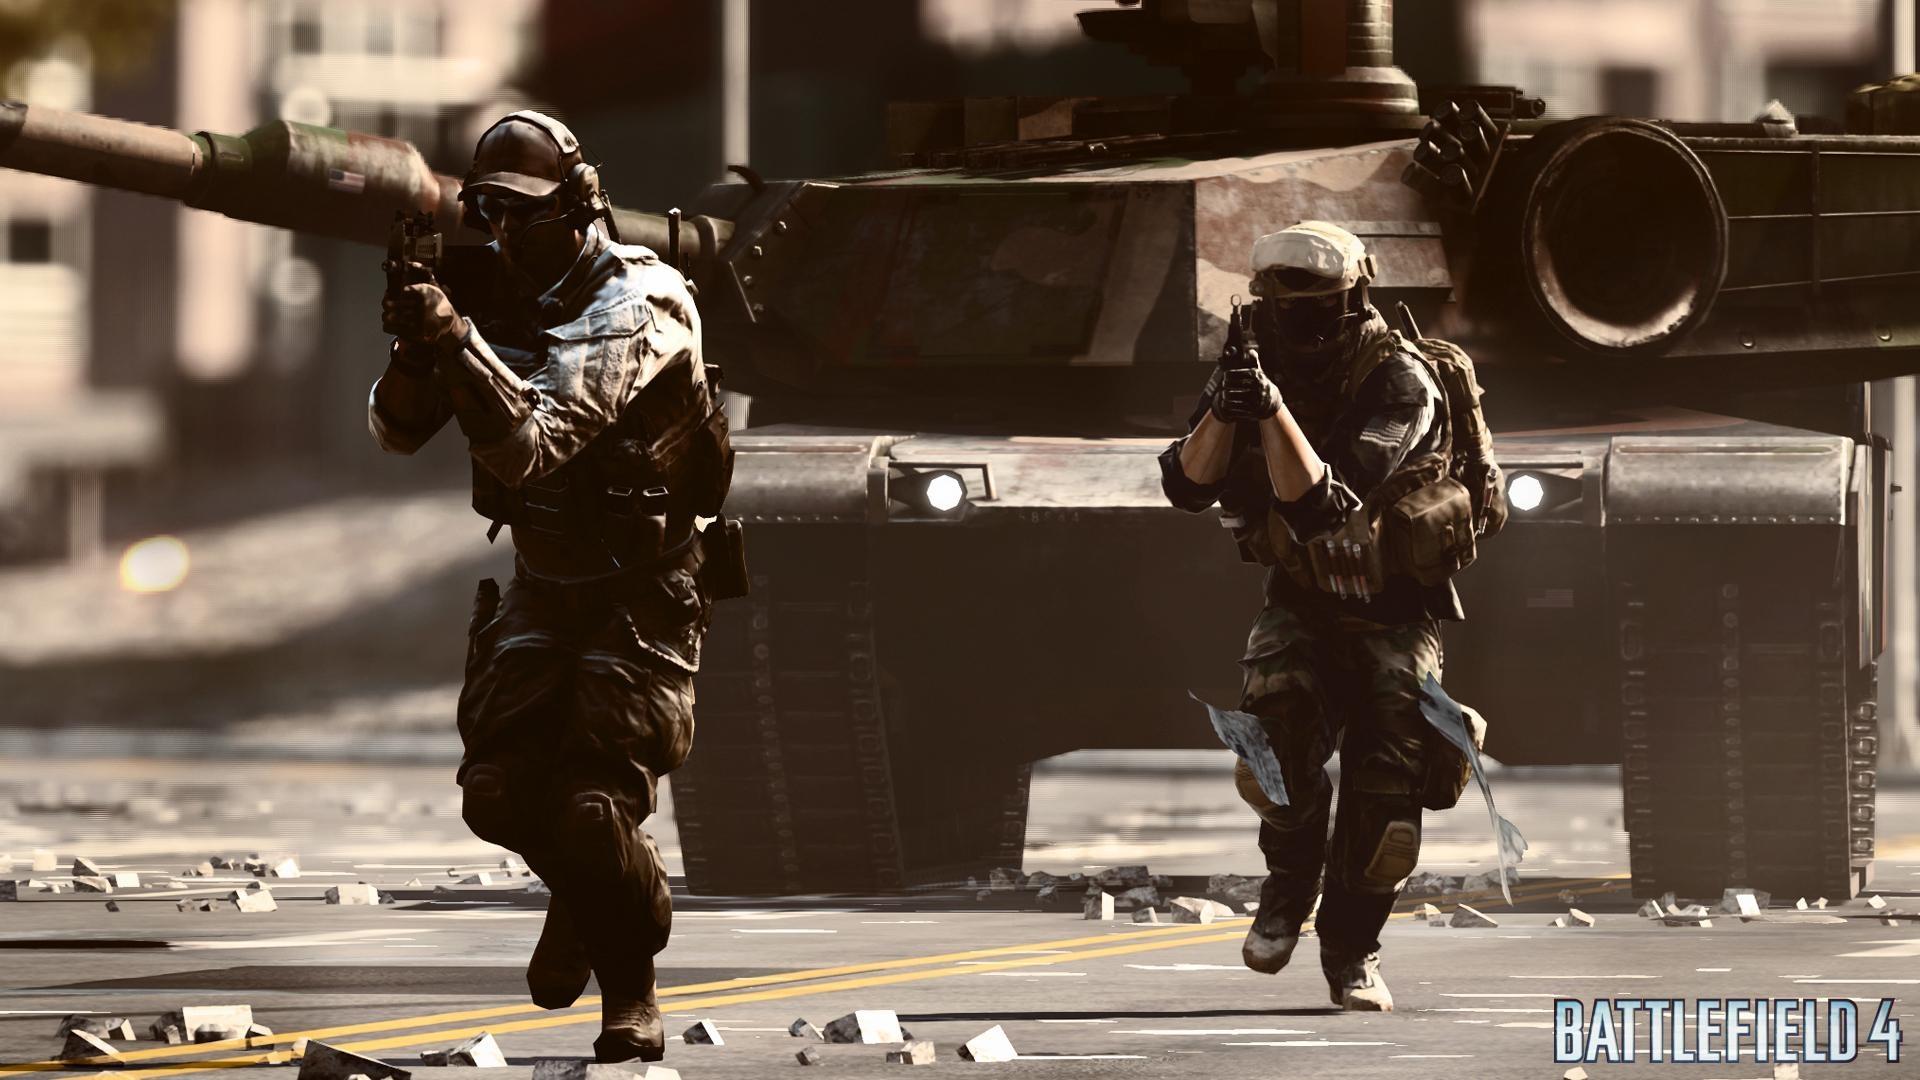 Battlefield4の戦車の前の兵士